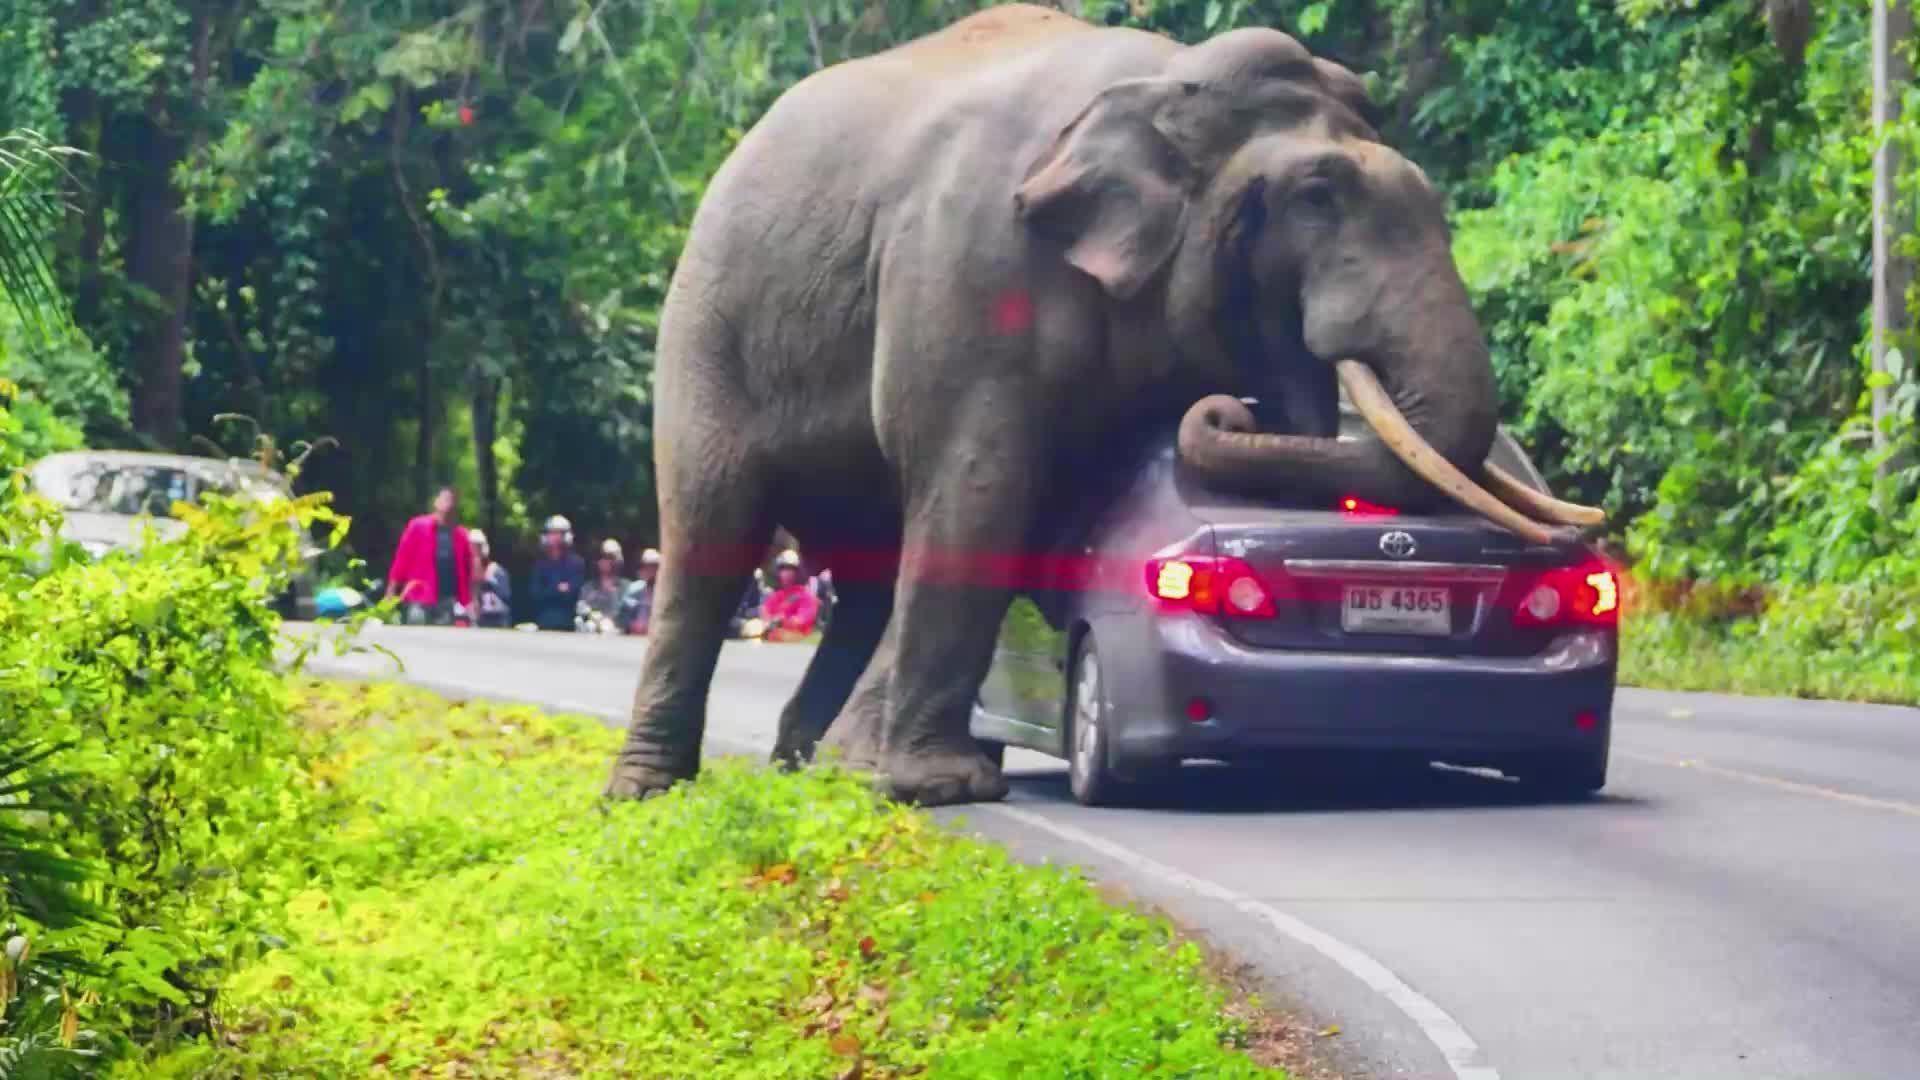 Heftige Aufnahmen: Elefant setzt sich auf besetztes Auto